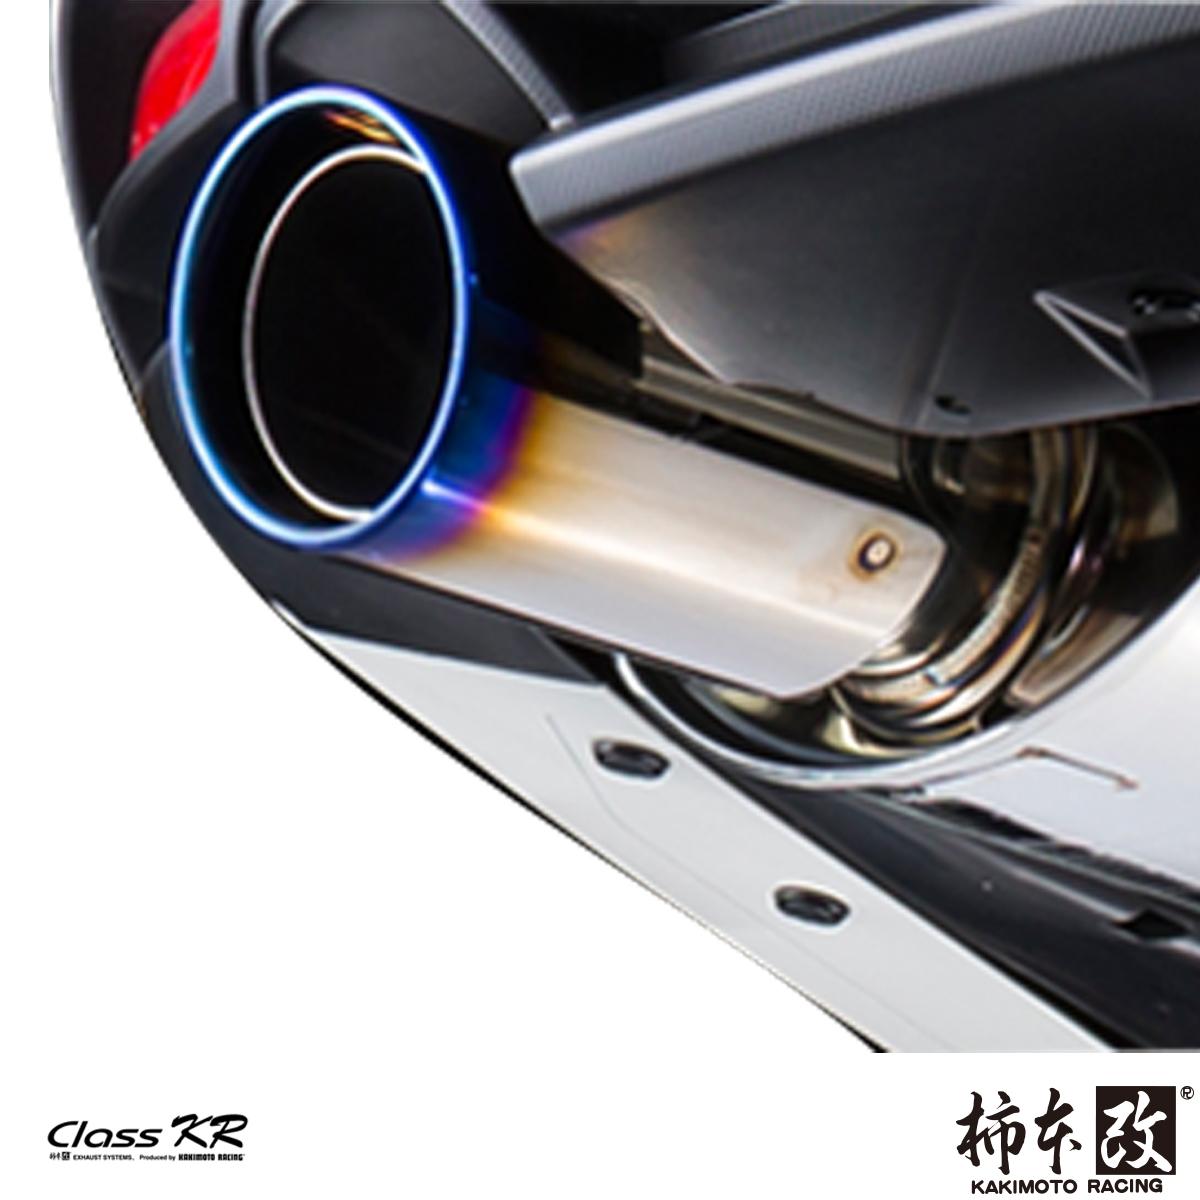 柿本 改 クラスKR マークX DBA-GRX133 マフラー 品番:T713122 KAKIMOTO RACING Class KR 配送先条件有り